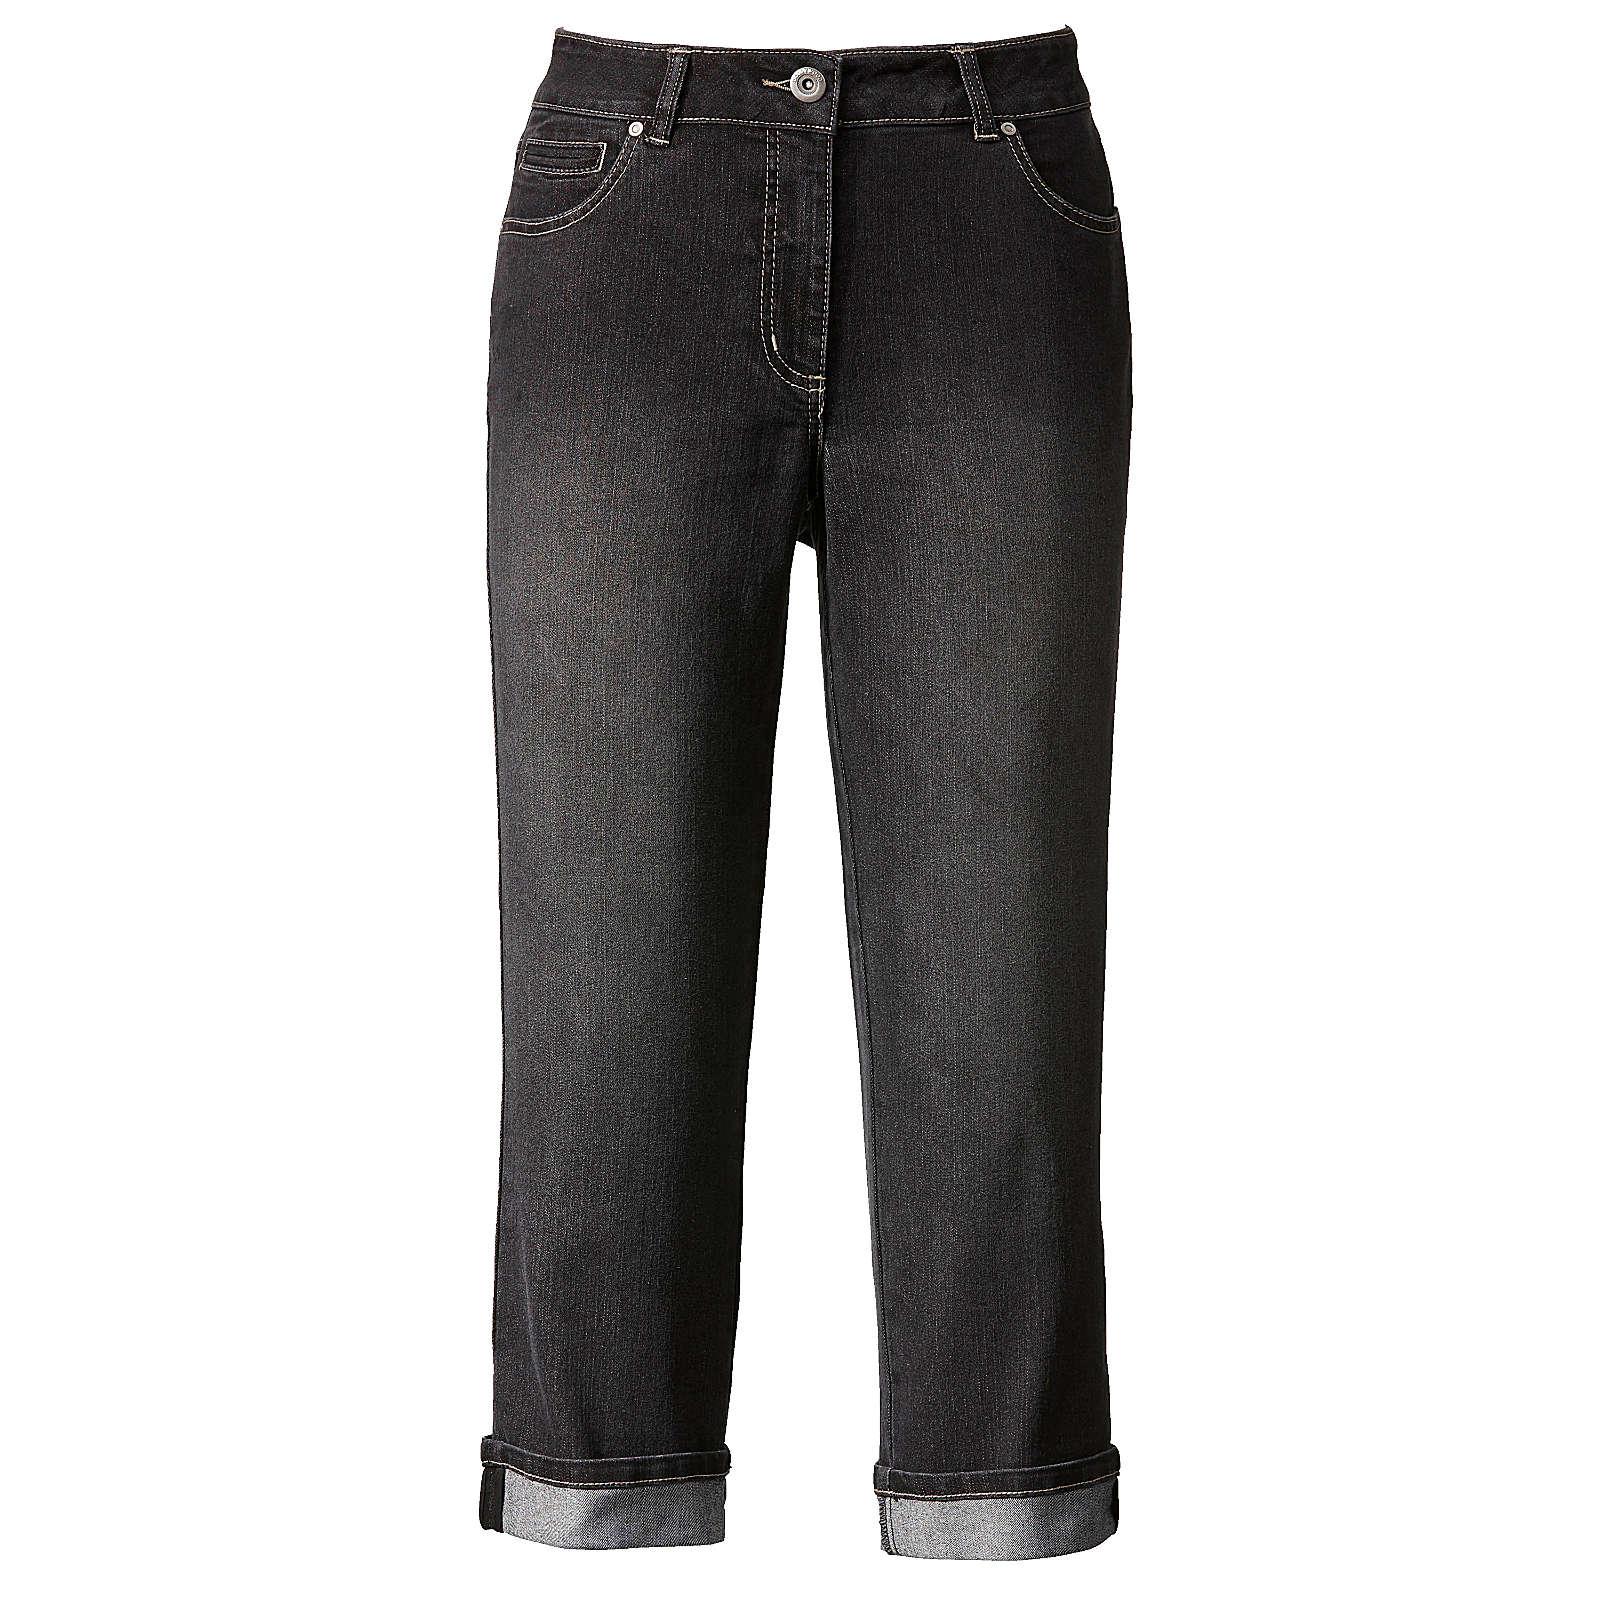 Dollywood Straight Cut Jeans Amy schwarz Damen Gr. 54